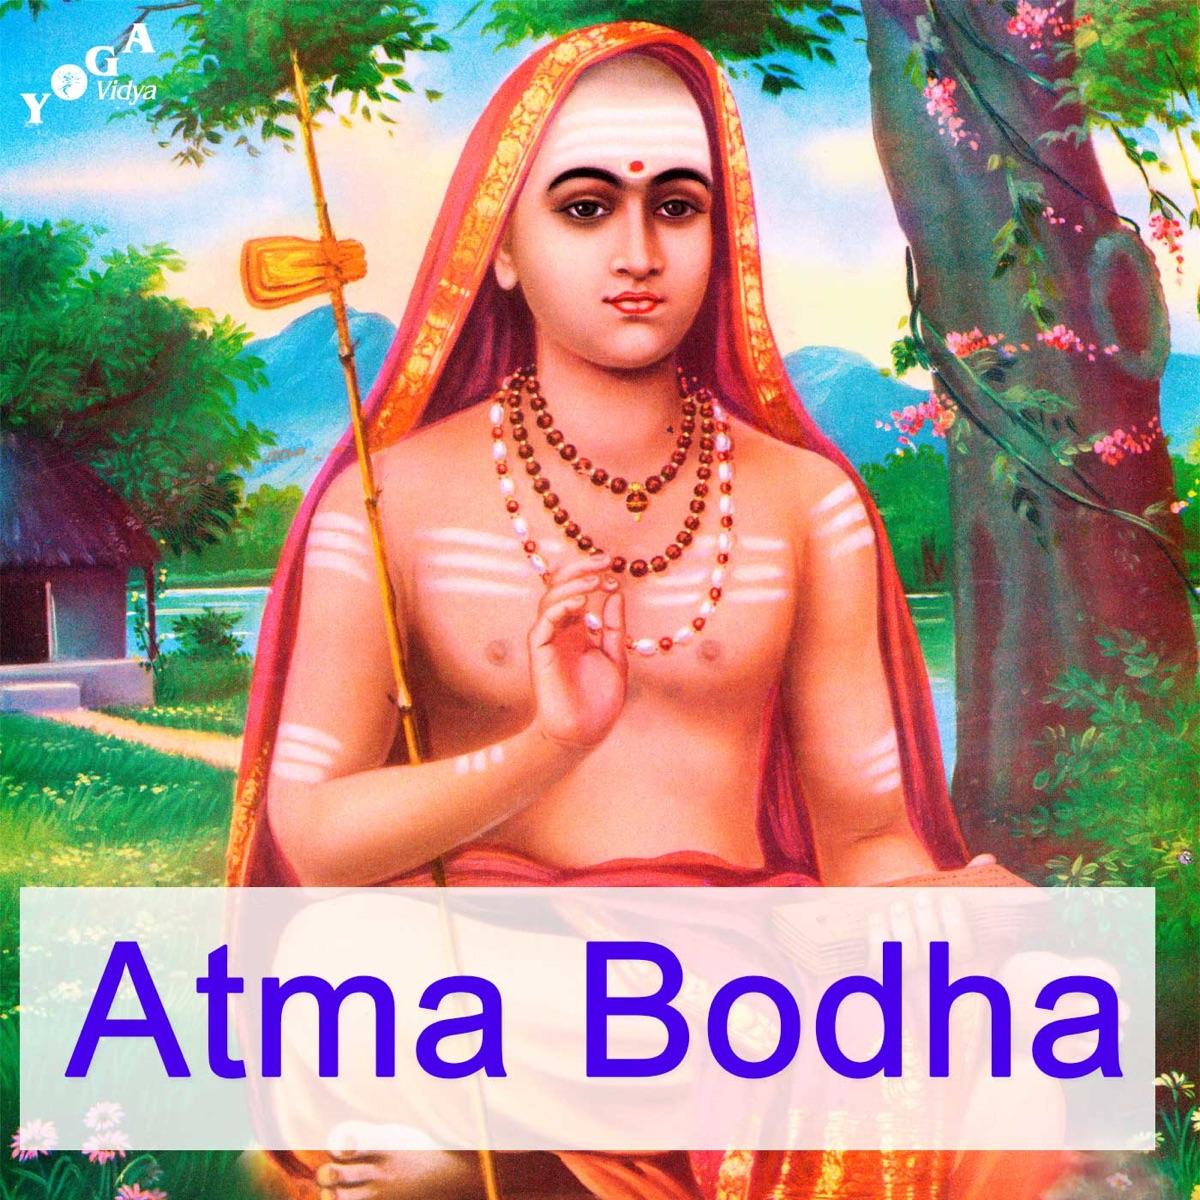 Atma Bodha - die Erkenntnis des Selbst